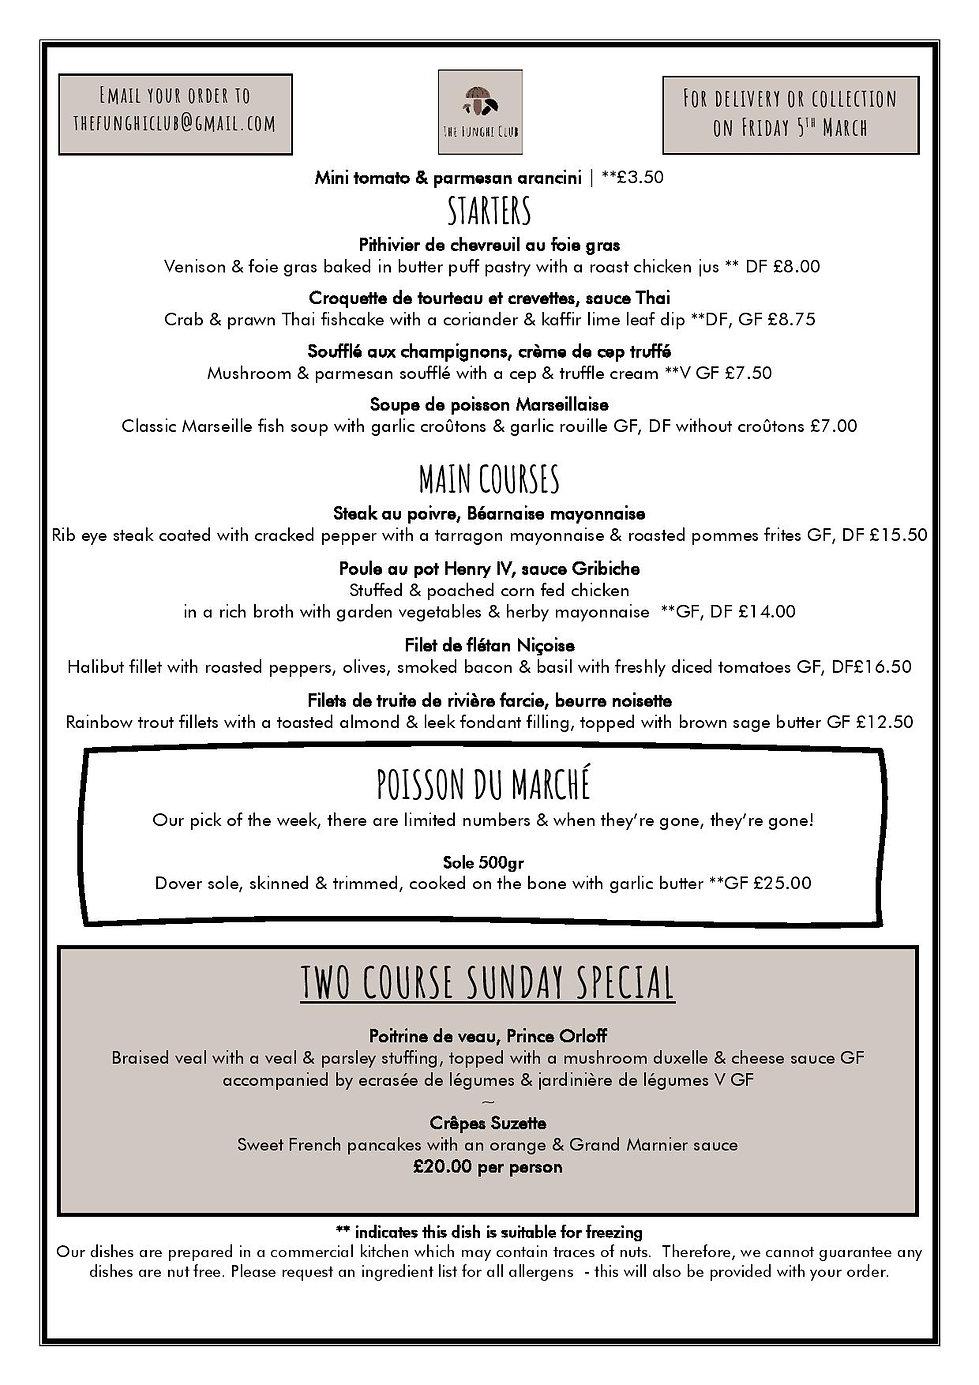 Heat & Eat Menu WC 01.03.21-page-001.jpg